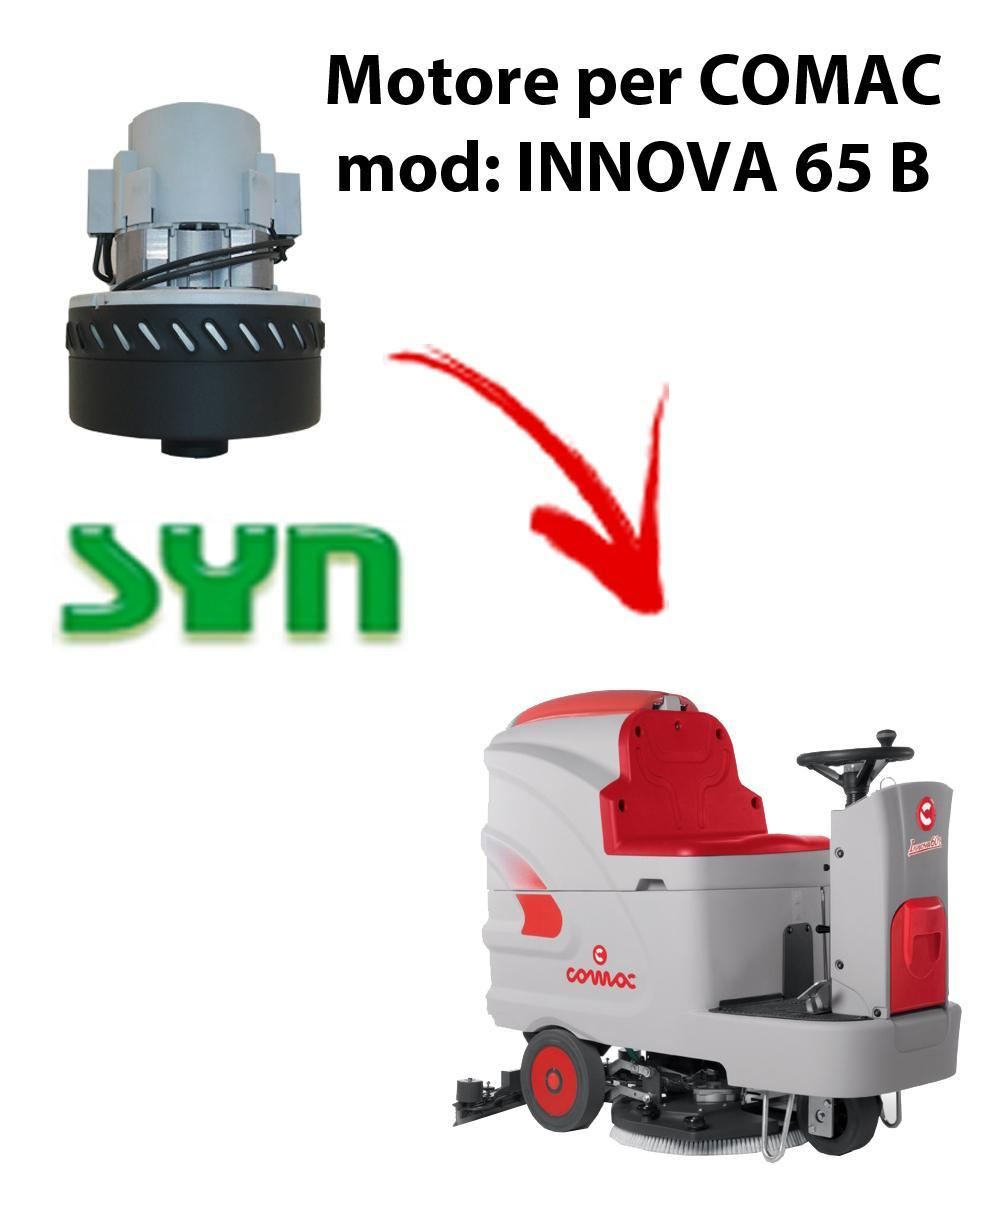 INNOVA 65 B Motore de aspiración SYN para fregadora Comac